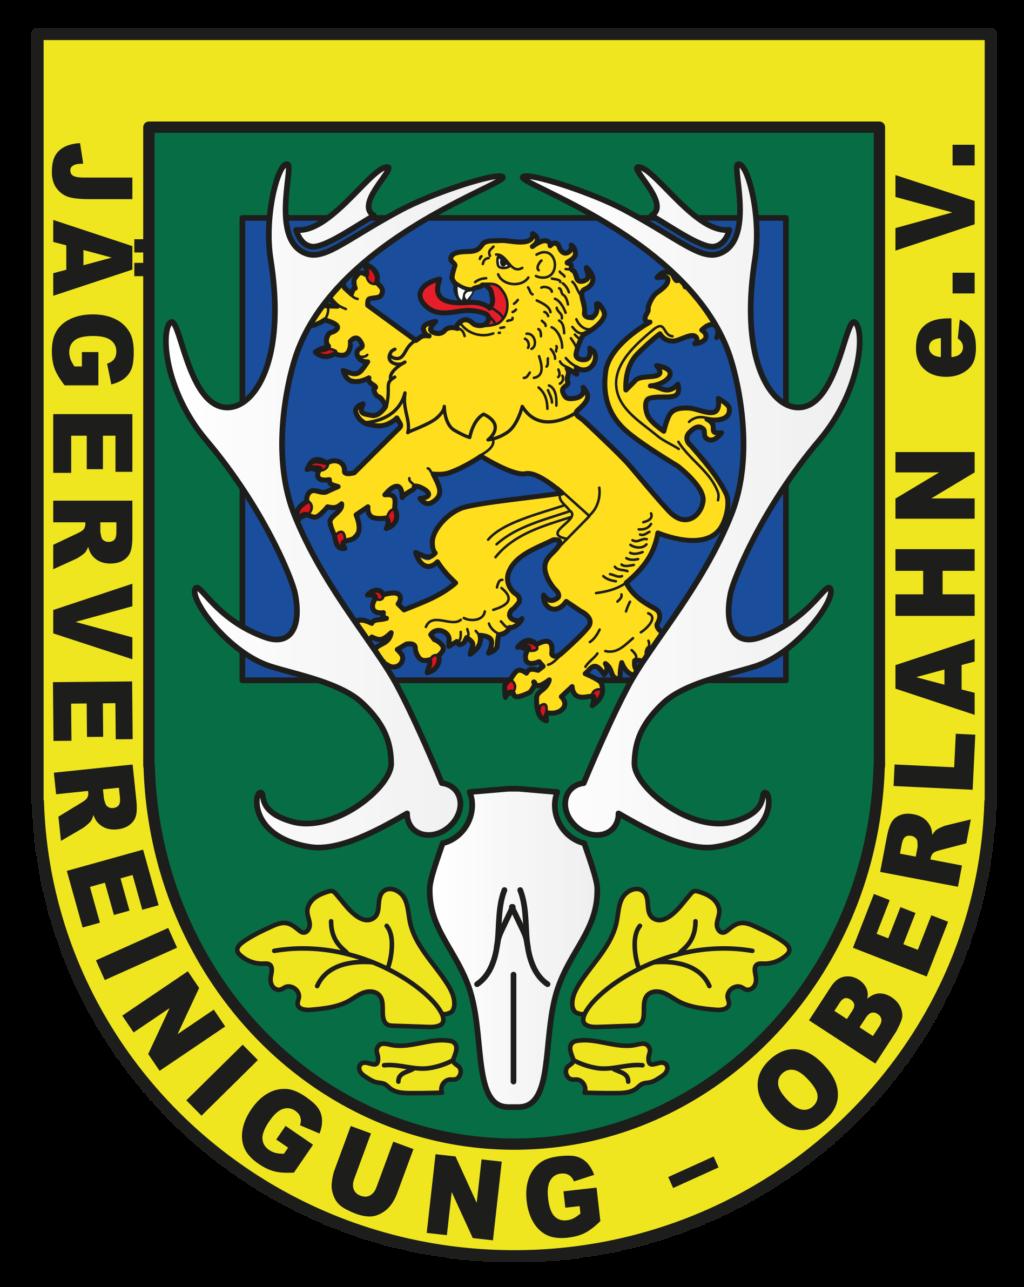 Jägervereinigung_Oberlahn_Logo.png